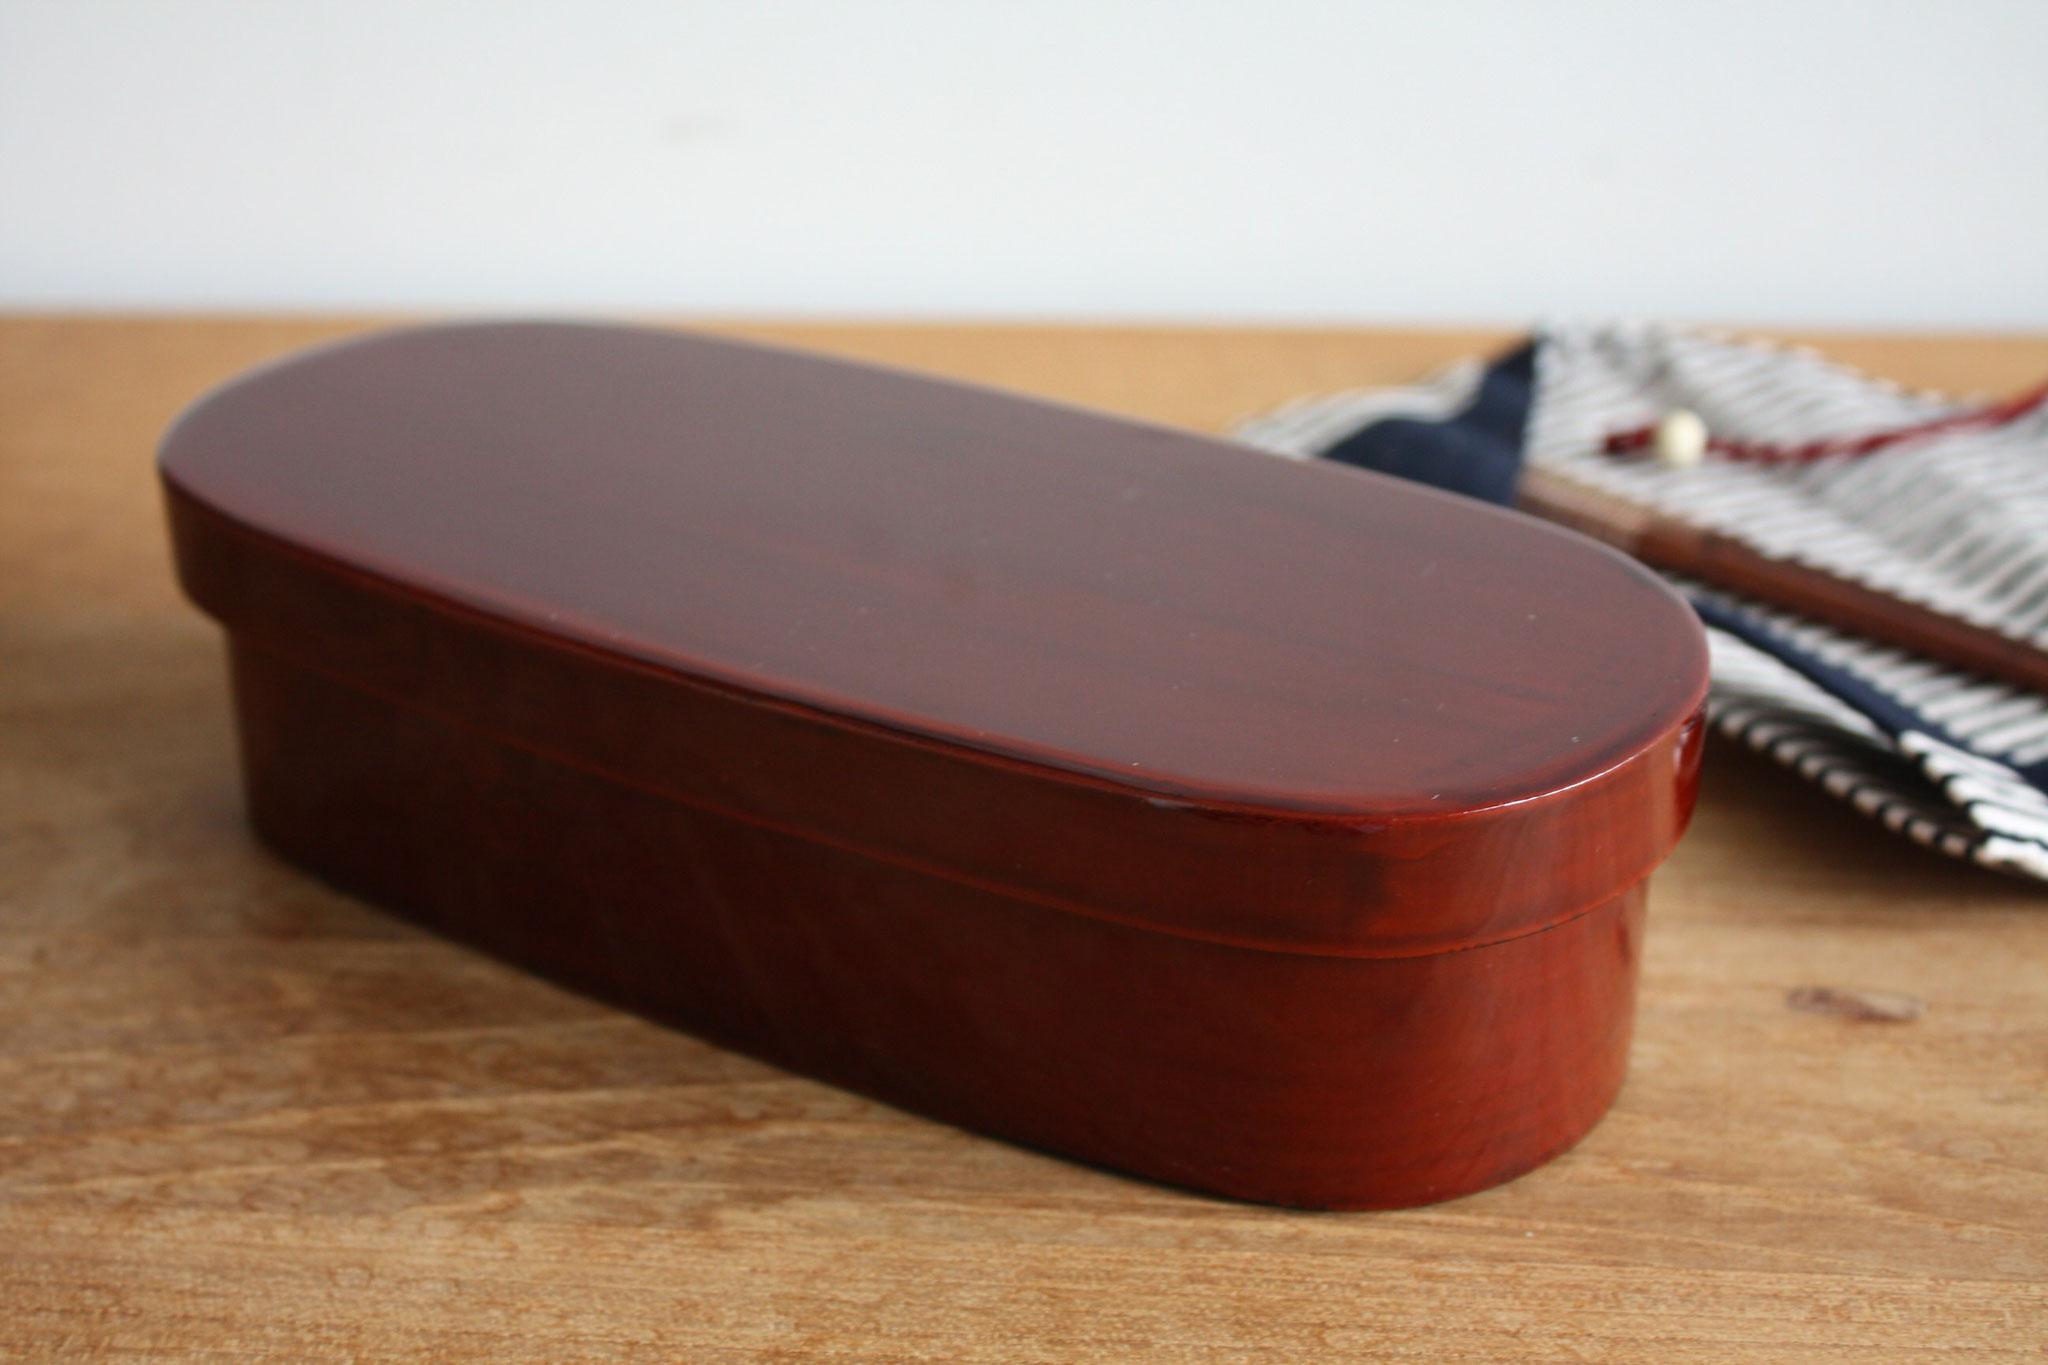 Edo-nuri bento box oval